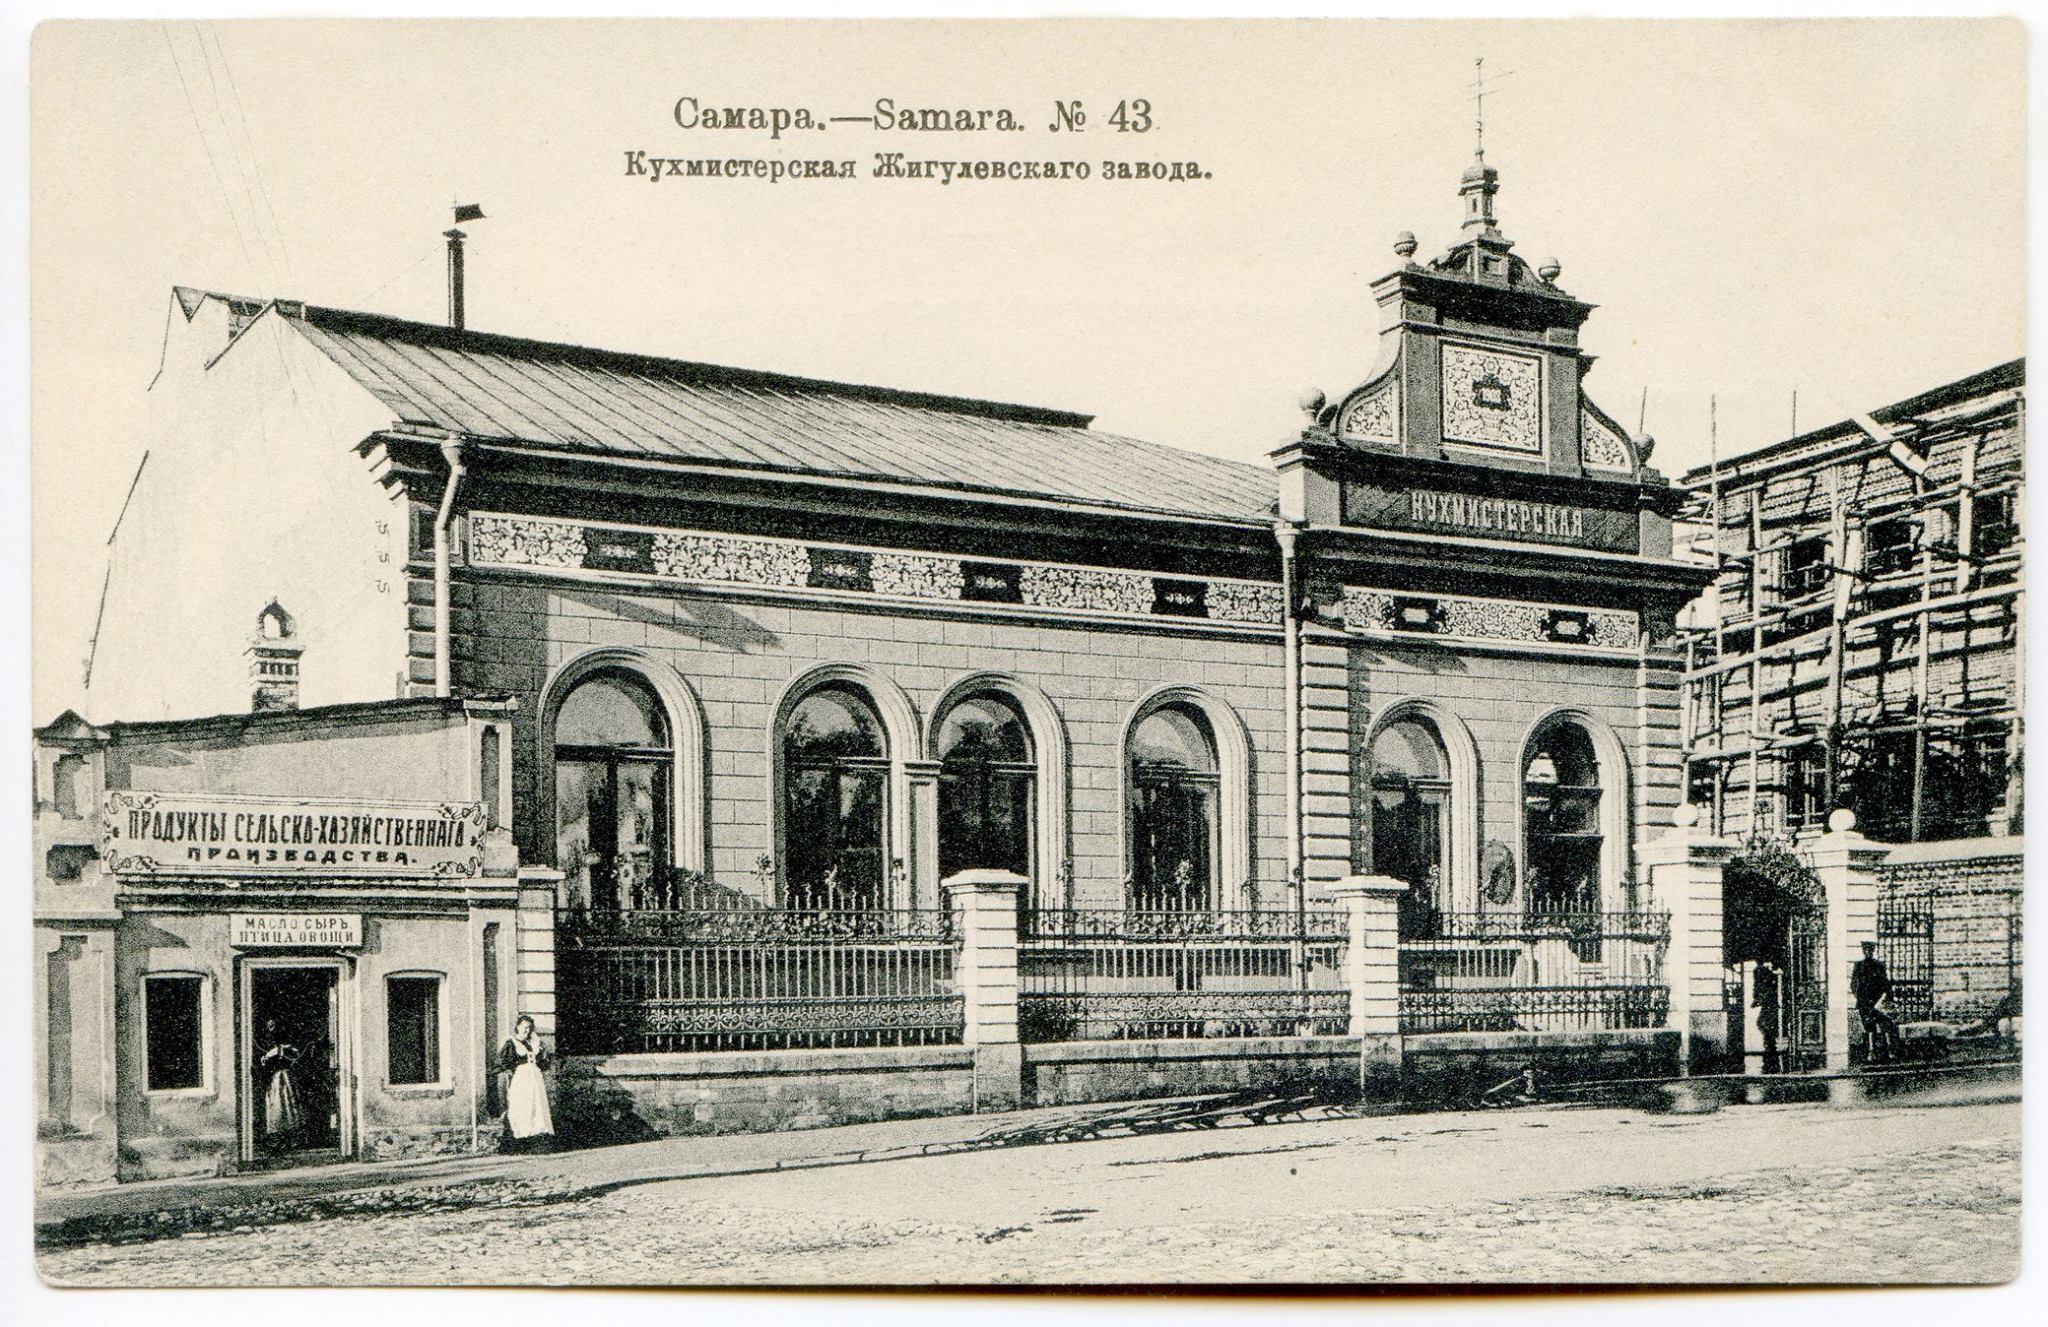 Жигулевский пивоваренный завод. Кухмистерская